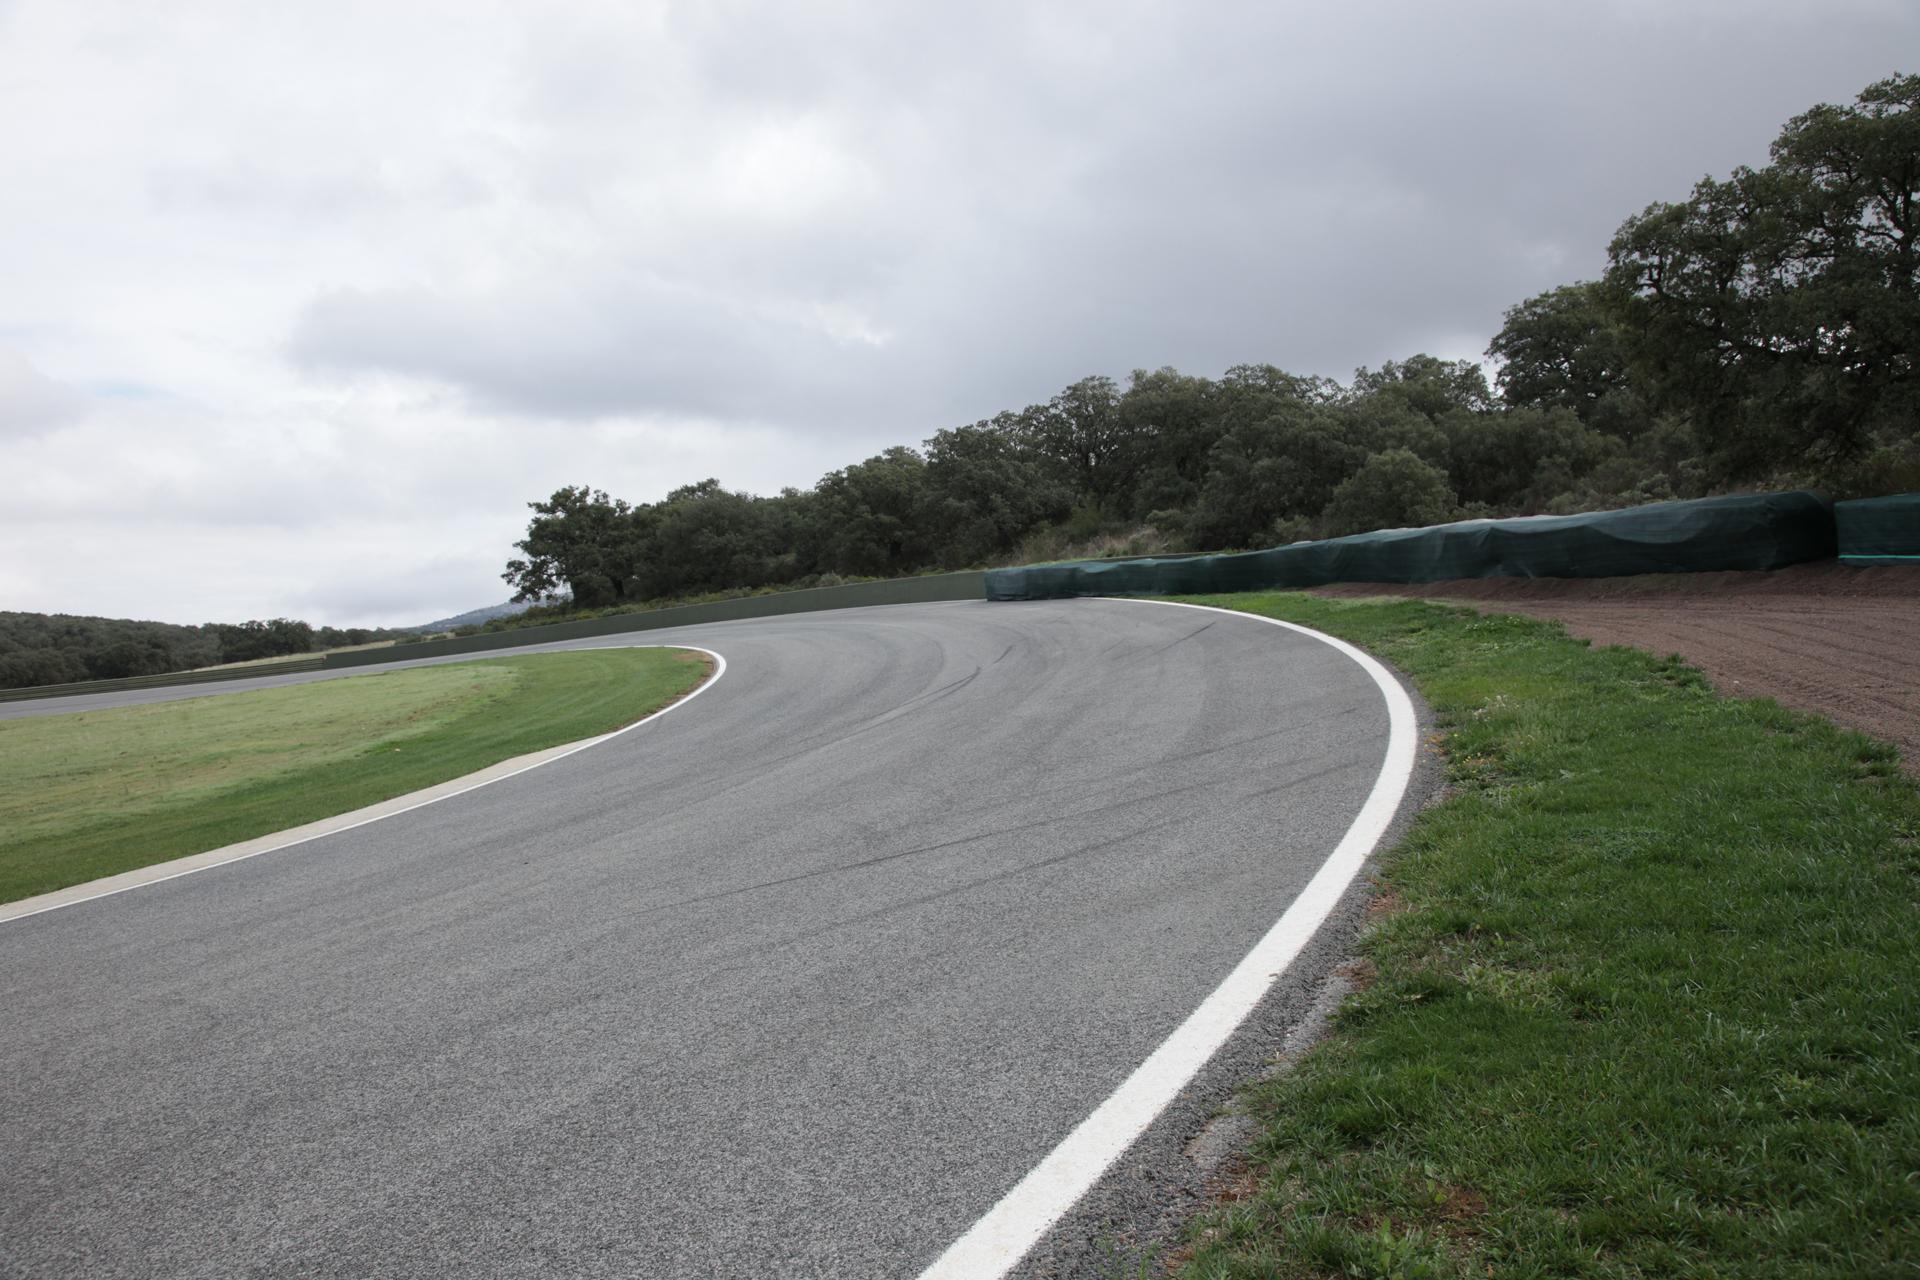 Foto de Comparativa Ronda y Ascari en Gran Turismo 6 (2/26)